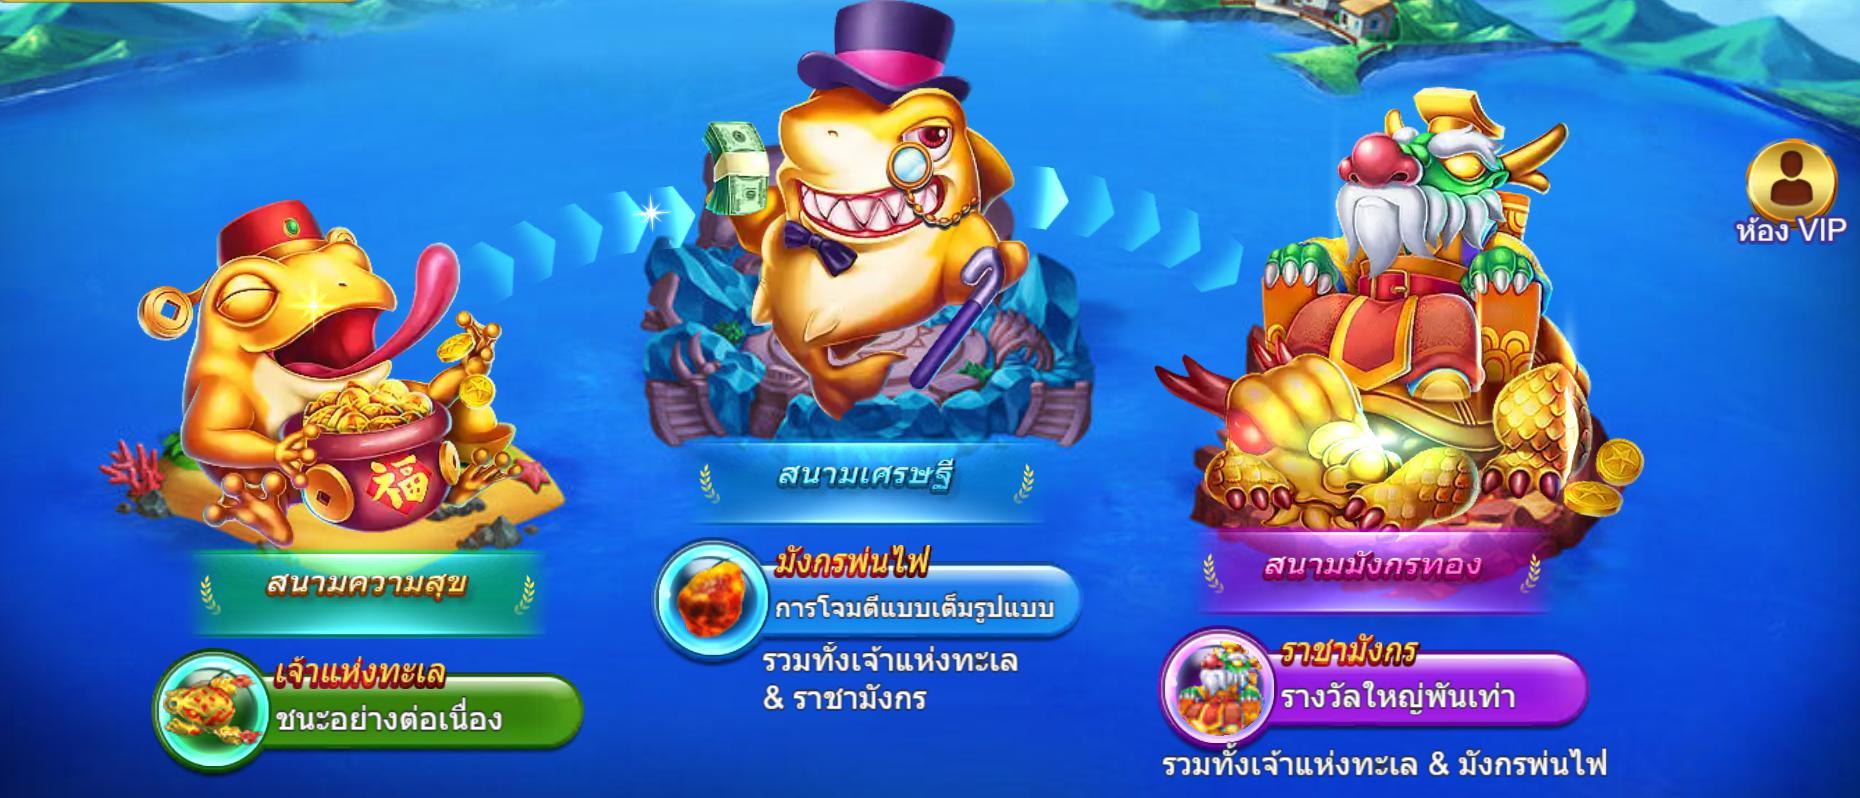 ห้องเกม ระดับการเล่น เกมยิงปลา Royal Fishing